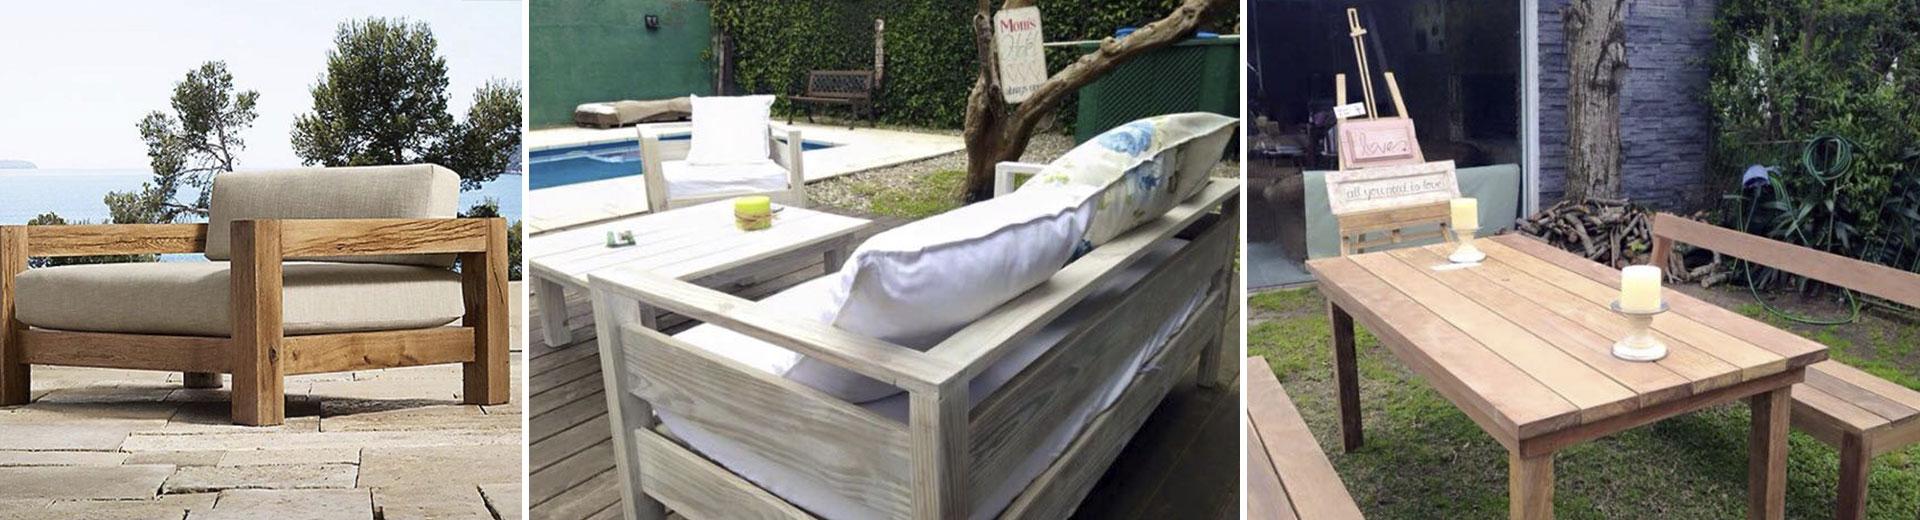 imágen de mesa y bancos de madera en el jardín